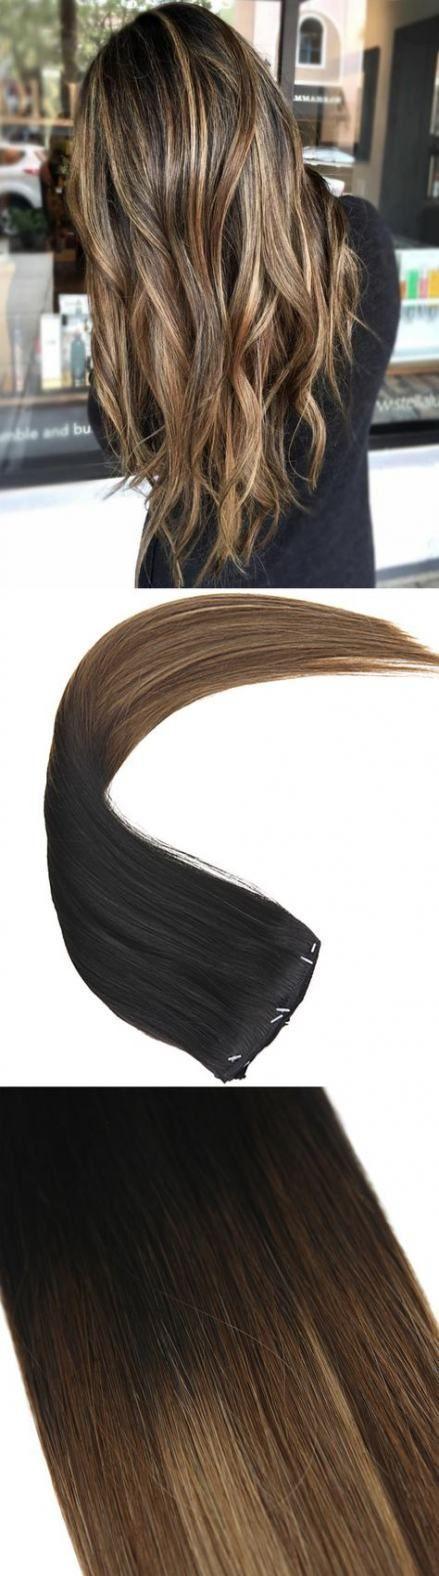 Haarverlängerungen Clip in Highlights Blond 68+ Ideen für 2019 #Haar - # HaarverlängerungenDunkel # HaarverlängerungenLogo